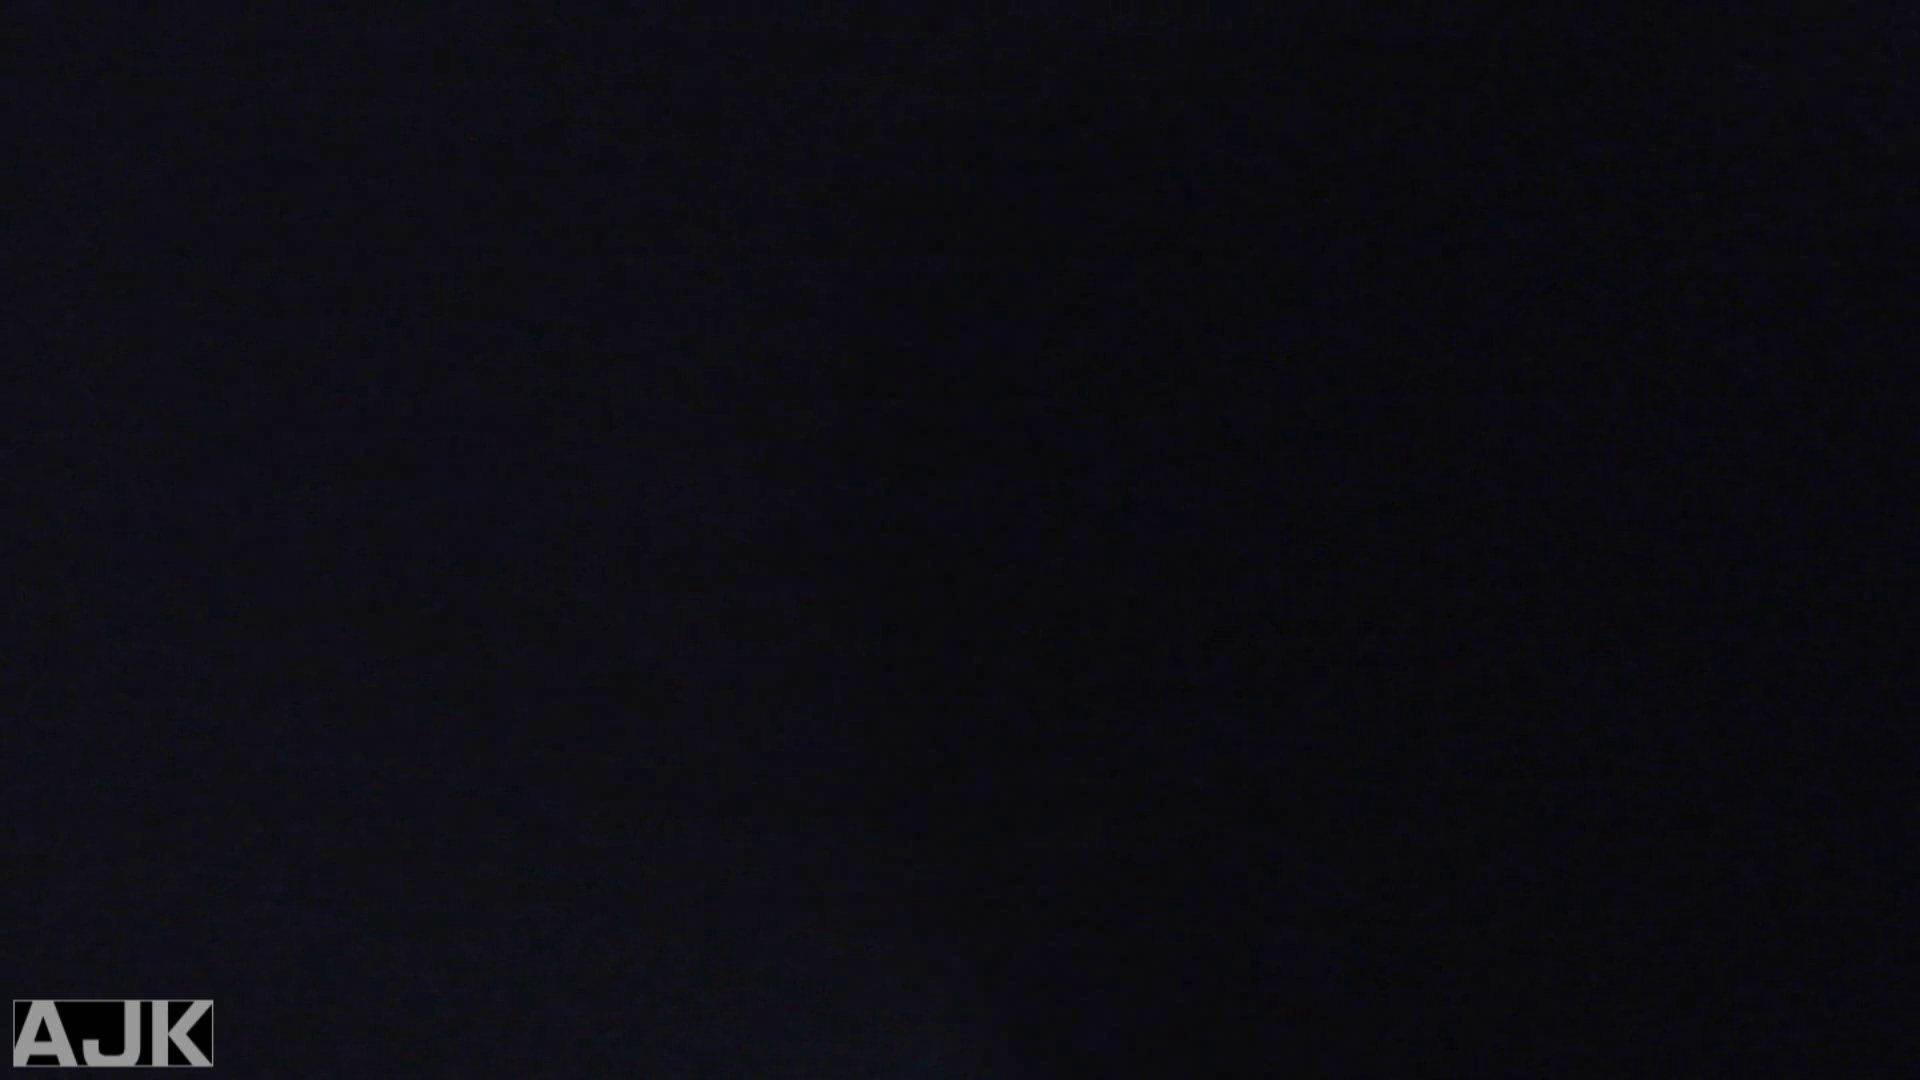 神降臨!史上最強の潜入かわや! vol.15 潜入 盗撮画像 89PIX 44